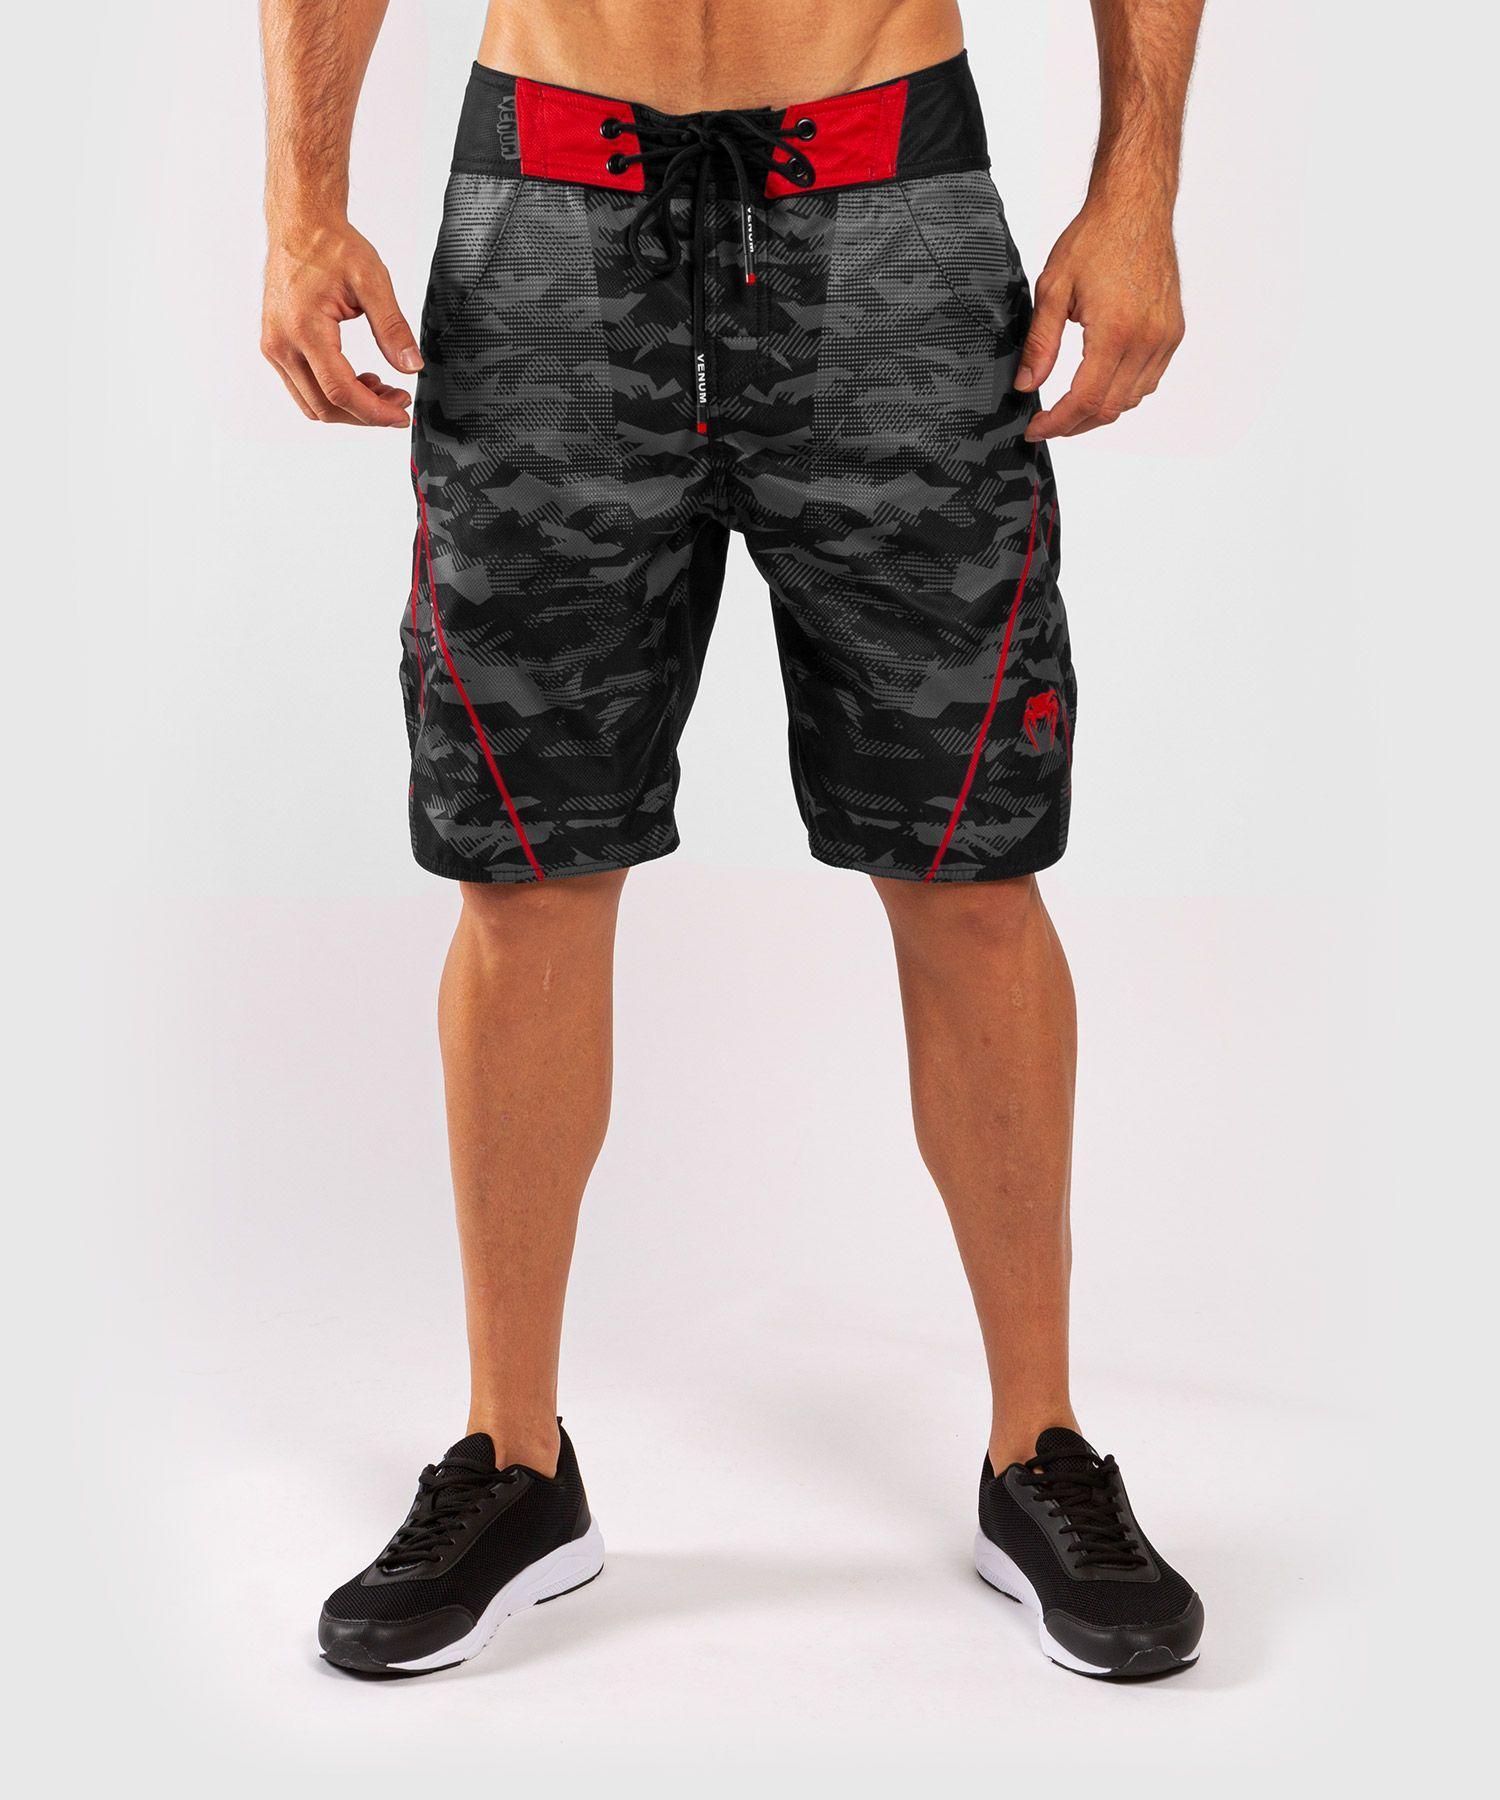 Venum Trooper zwemshort - Zwart/Rood